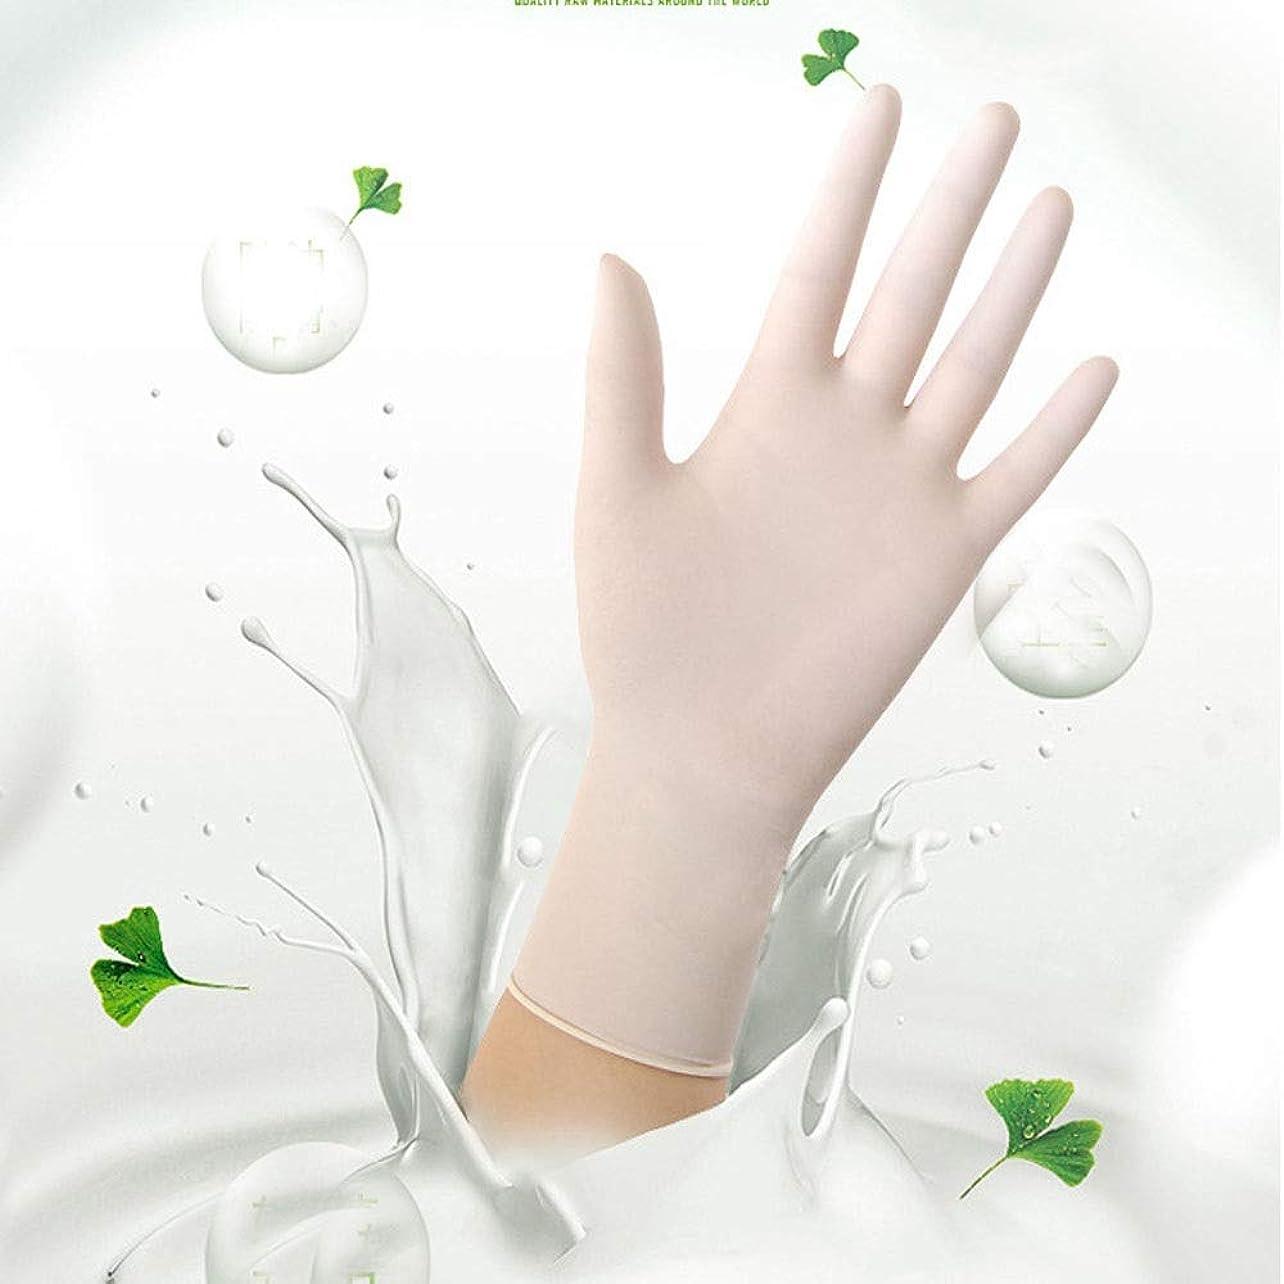 半球爬虫類悪意ニトリル検査用手袋 - 医療用グレード、パウダーフリー、ラテックスラバーフリー、使い捨て、非滅菌、食品安全、インディゴ色、100カウント、サイズS-L (Color : White, Size : S)